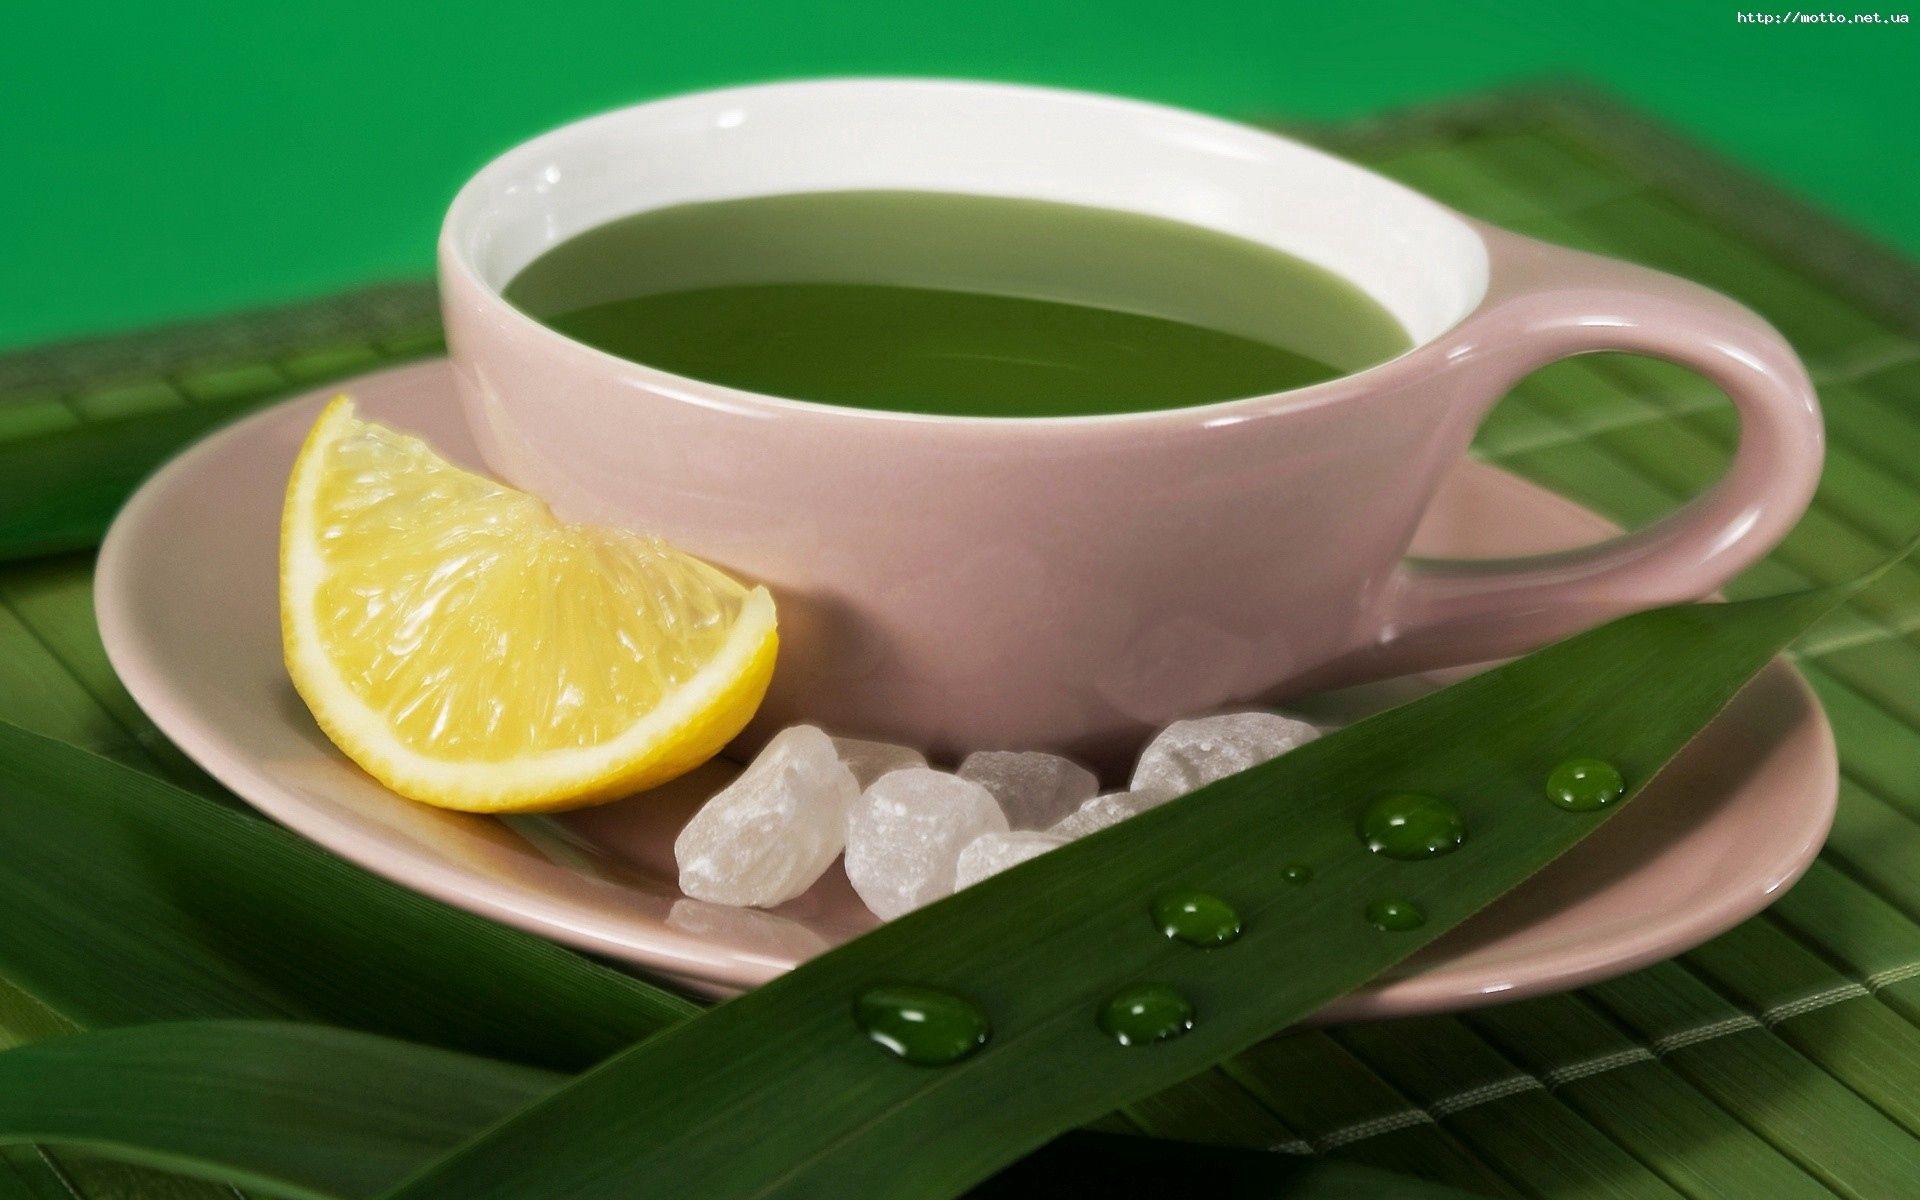 92984 скачать обои Лед, Чай, Еда, Лимон, Посуда, Чашка - заставки и картинки бесплатно